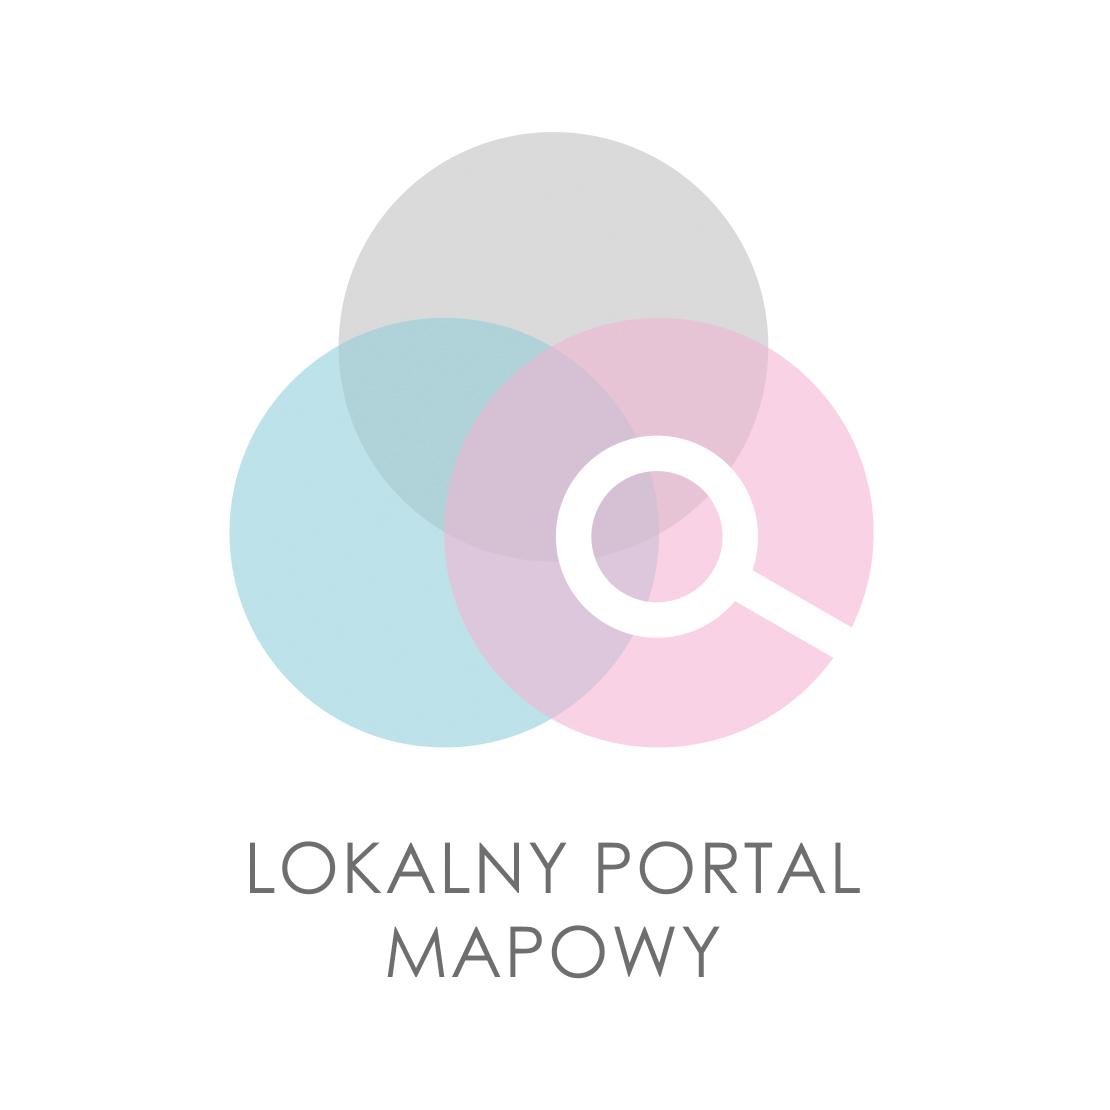 Lokalny Portal Mapowy - ikona